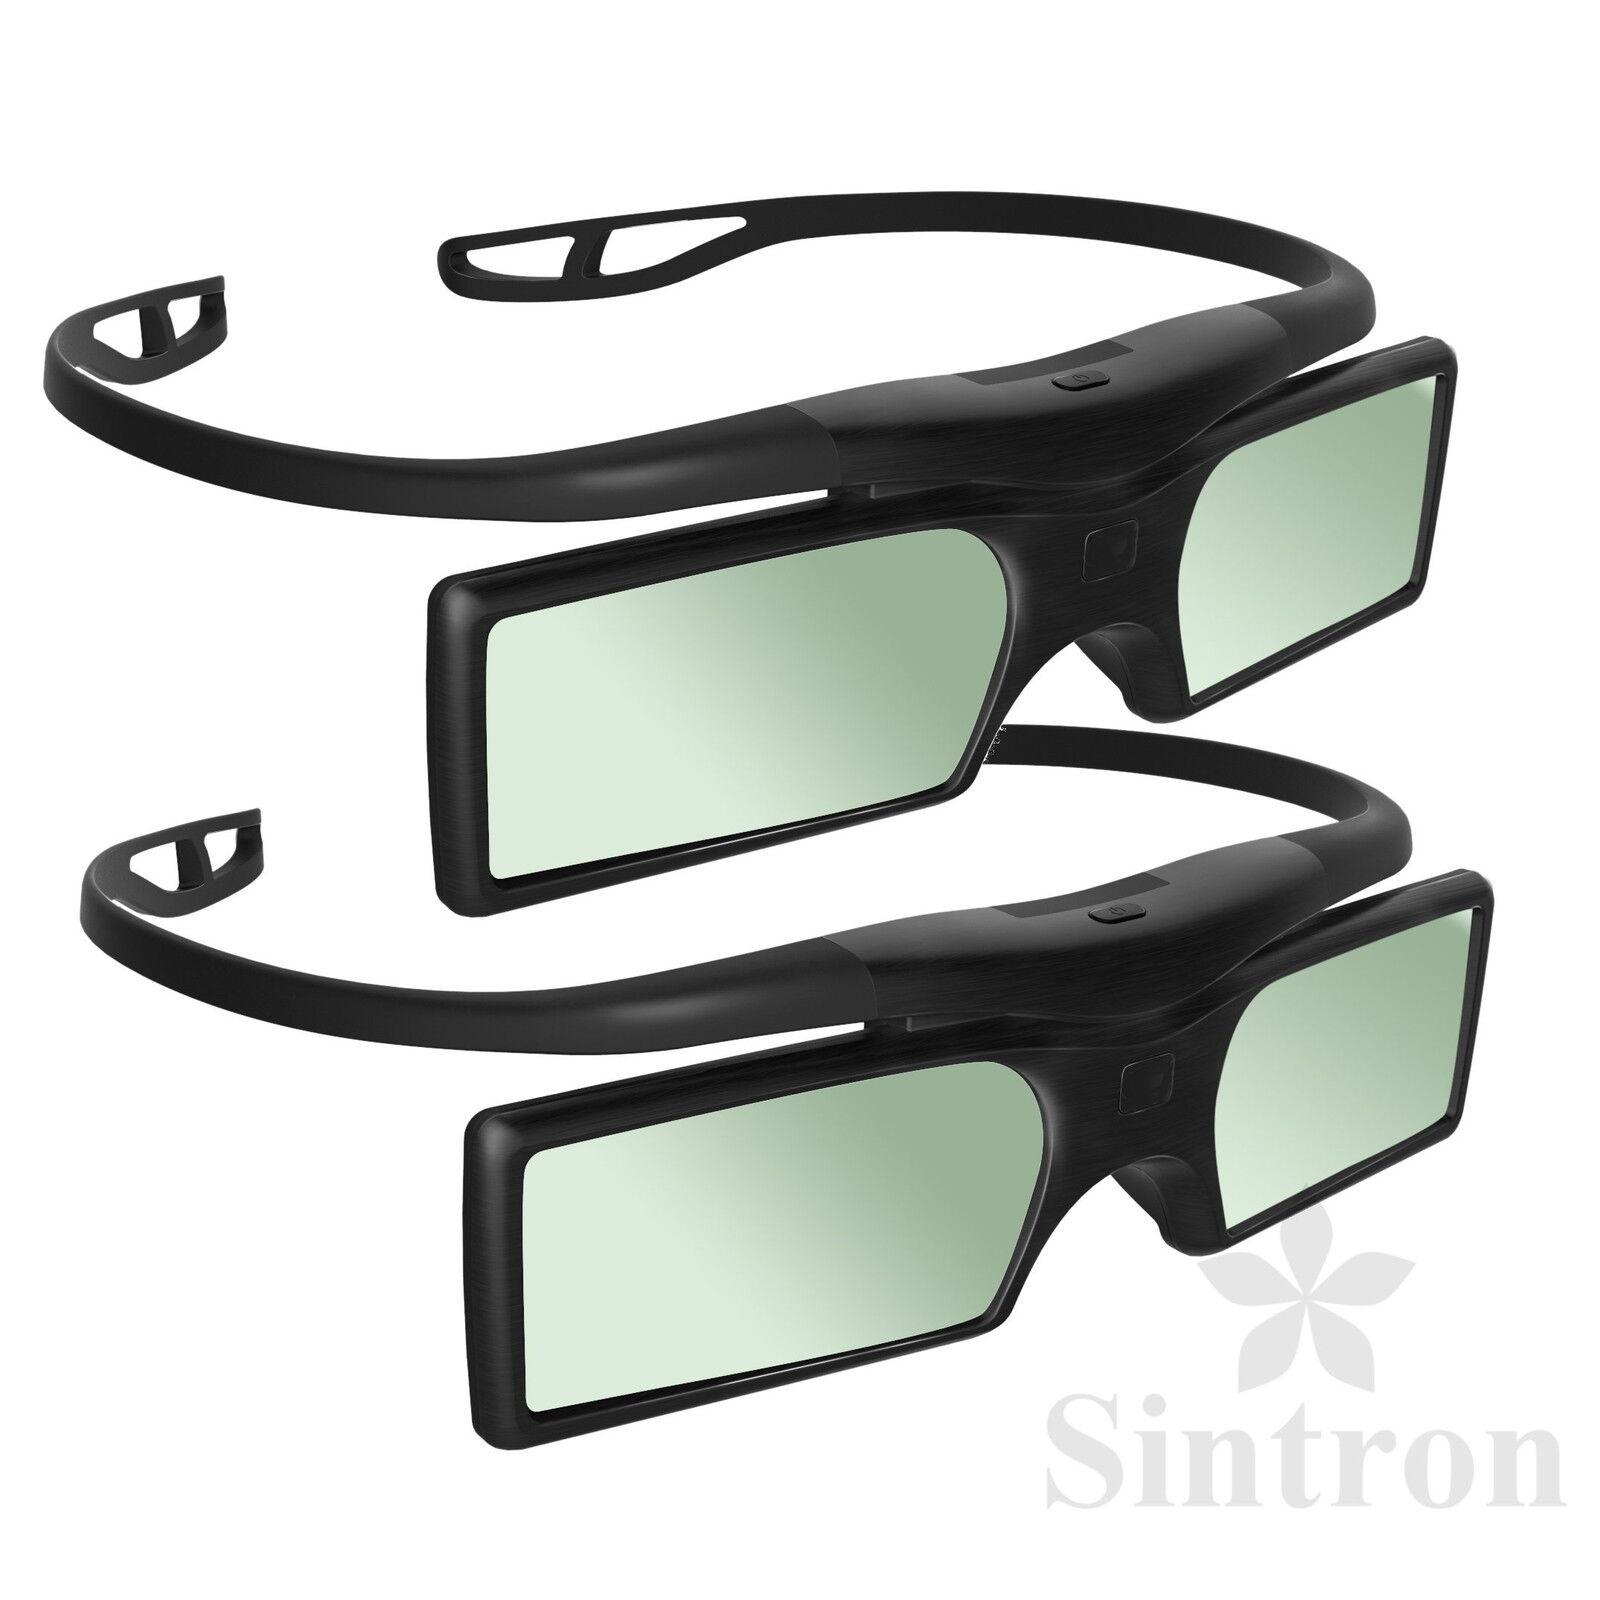 sintron 2x 3d rf aktive brille f r de 2018 sony 3d tv kdl 43w805c kdl 50w805c eur 34 95. Black Bedroom Furniture Sets. Home Design Ideas